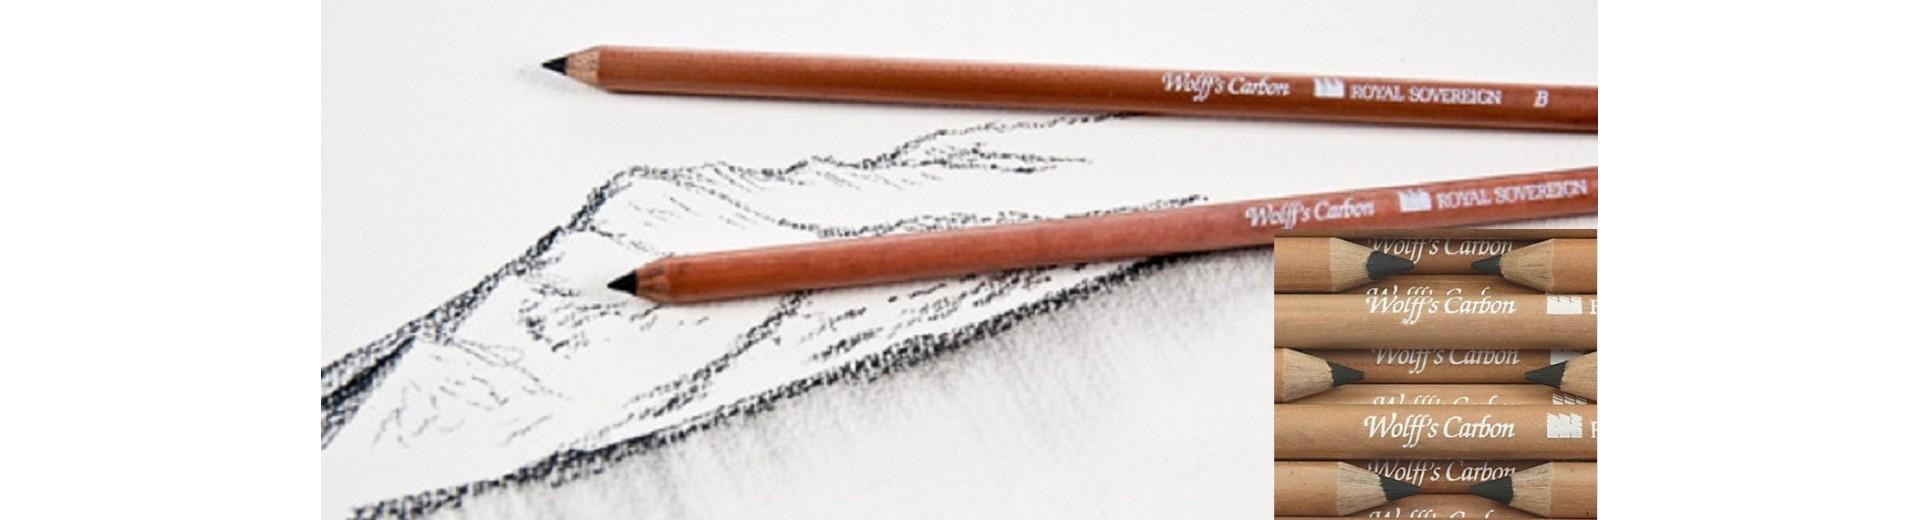 Royal Sovereiign Pencil y Caran d'Ache